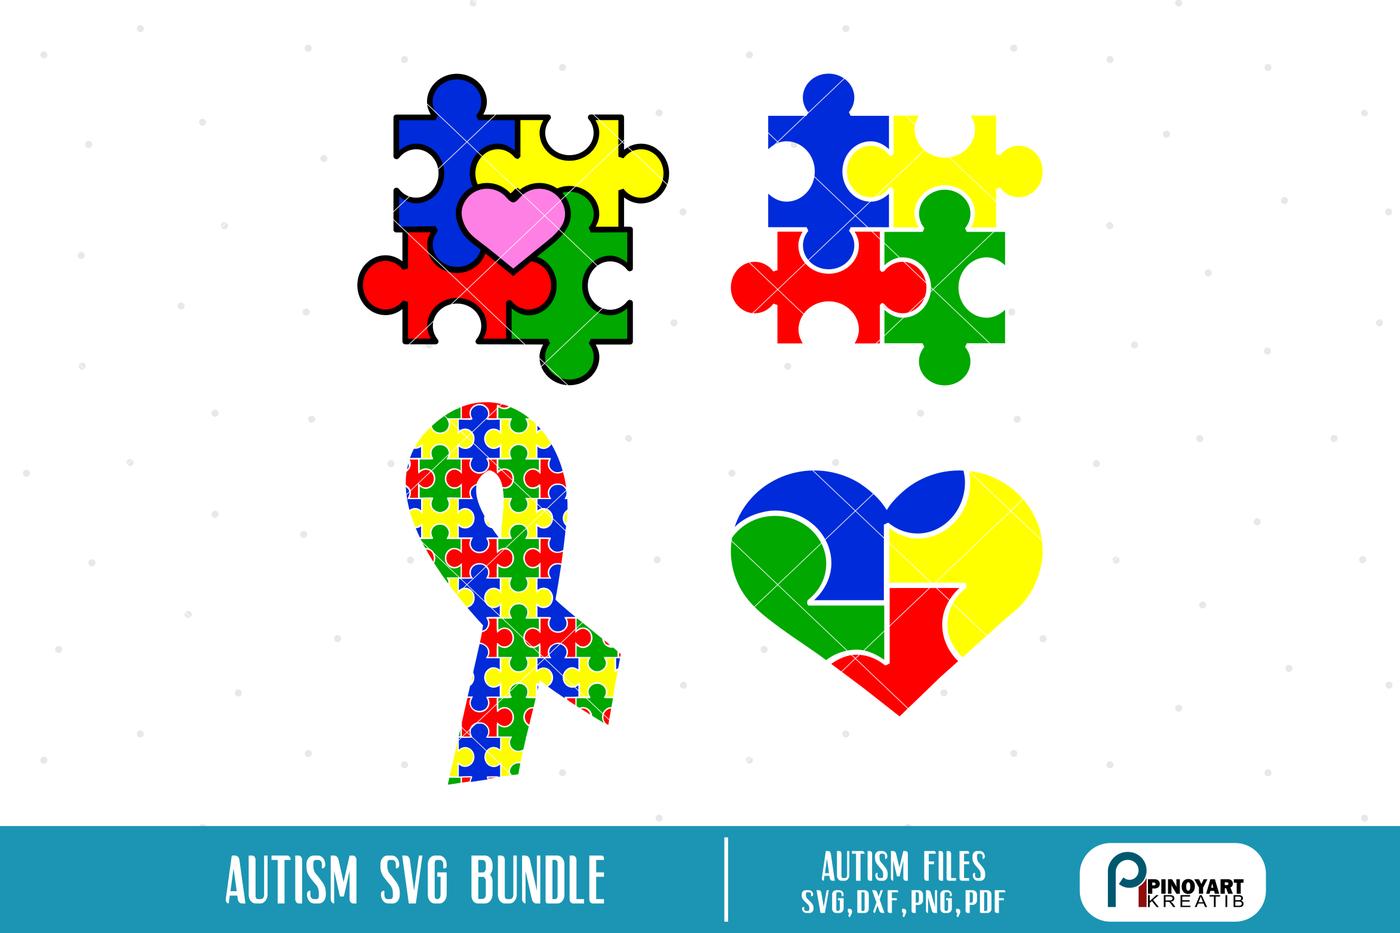 Trending Svg Love Svg Autism Svg Autism Love Svg L Autism Puzzle Svg Autism No Disability Just Different Ability Svg Autism Heart Svg